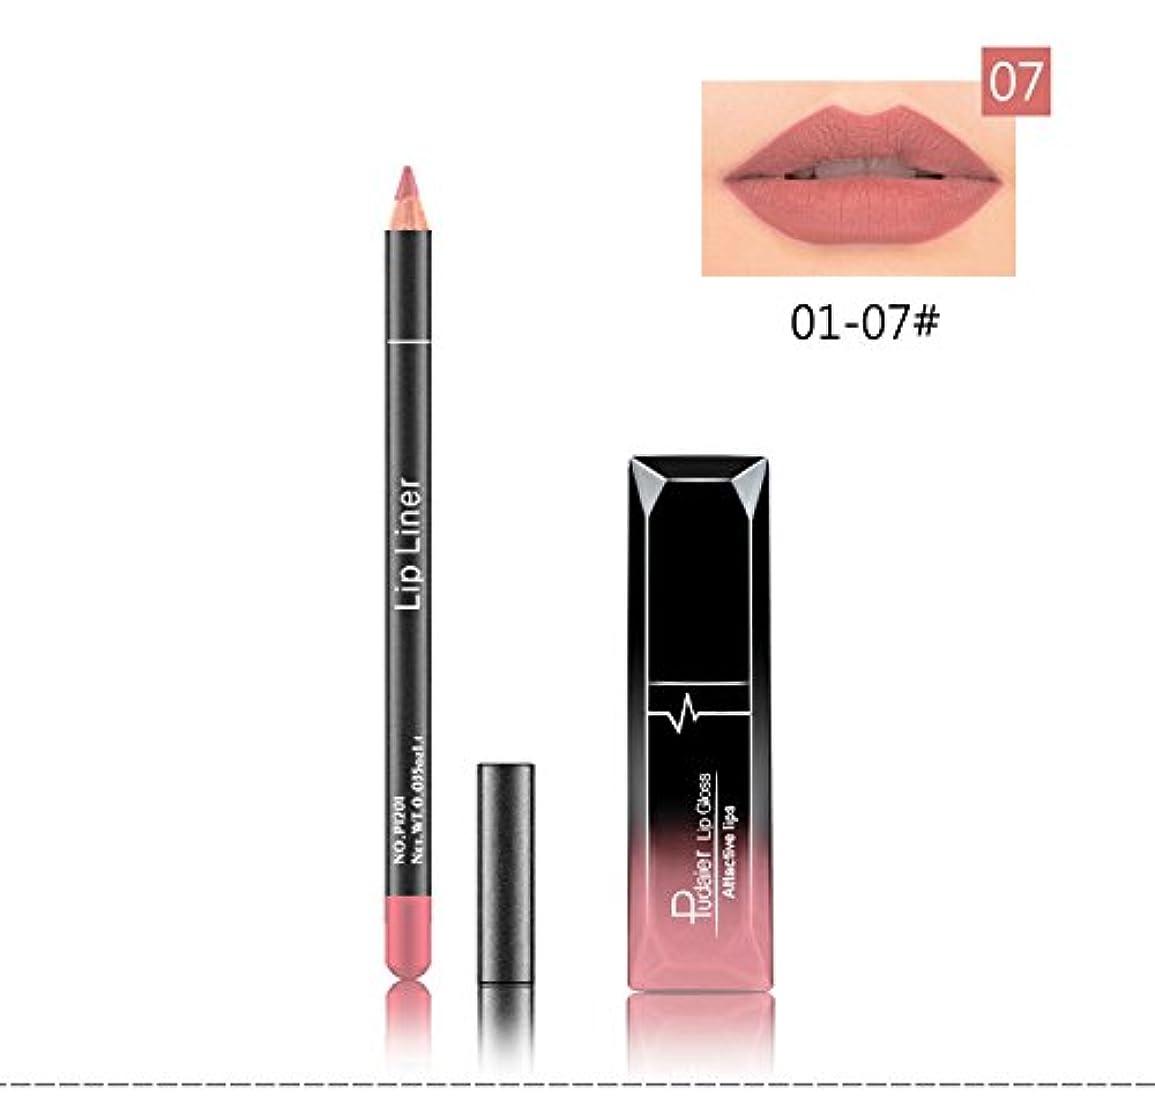 する必要がある正しく削除する(07) Pudaier 1pc Matte Liquid Lipstick Cosmetic Lip Kit+ 1 Pc Nude Lip Liner Pencil MakeUp Set Waterproof Long...